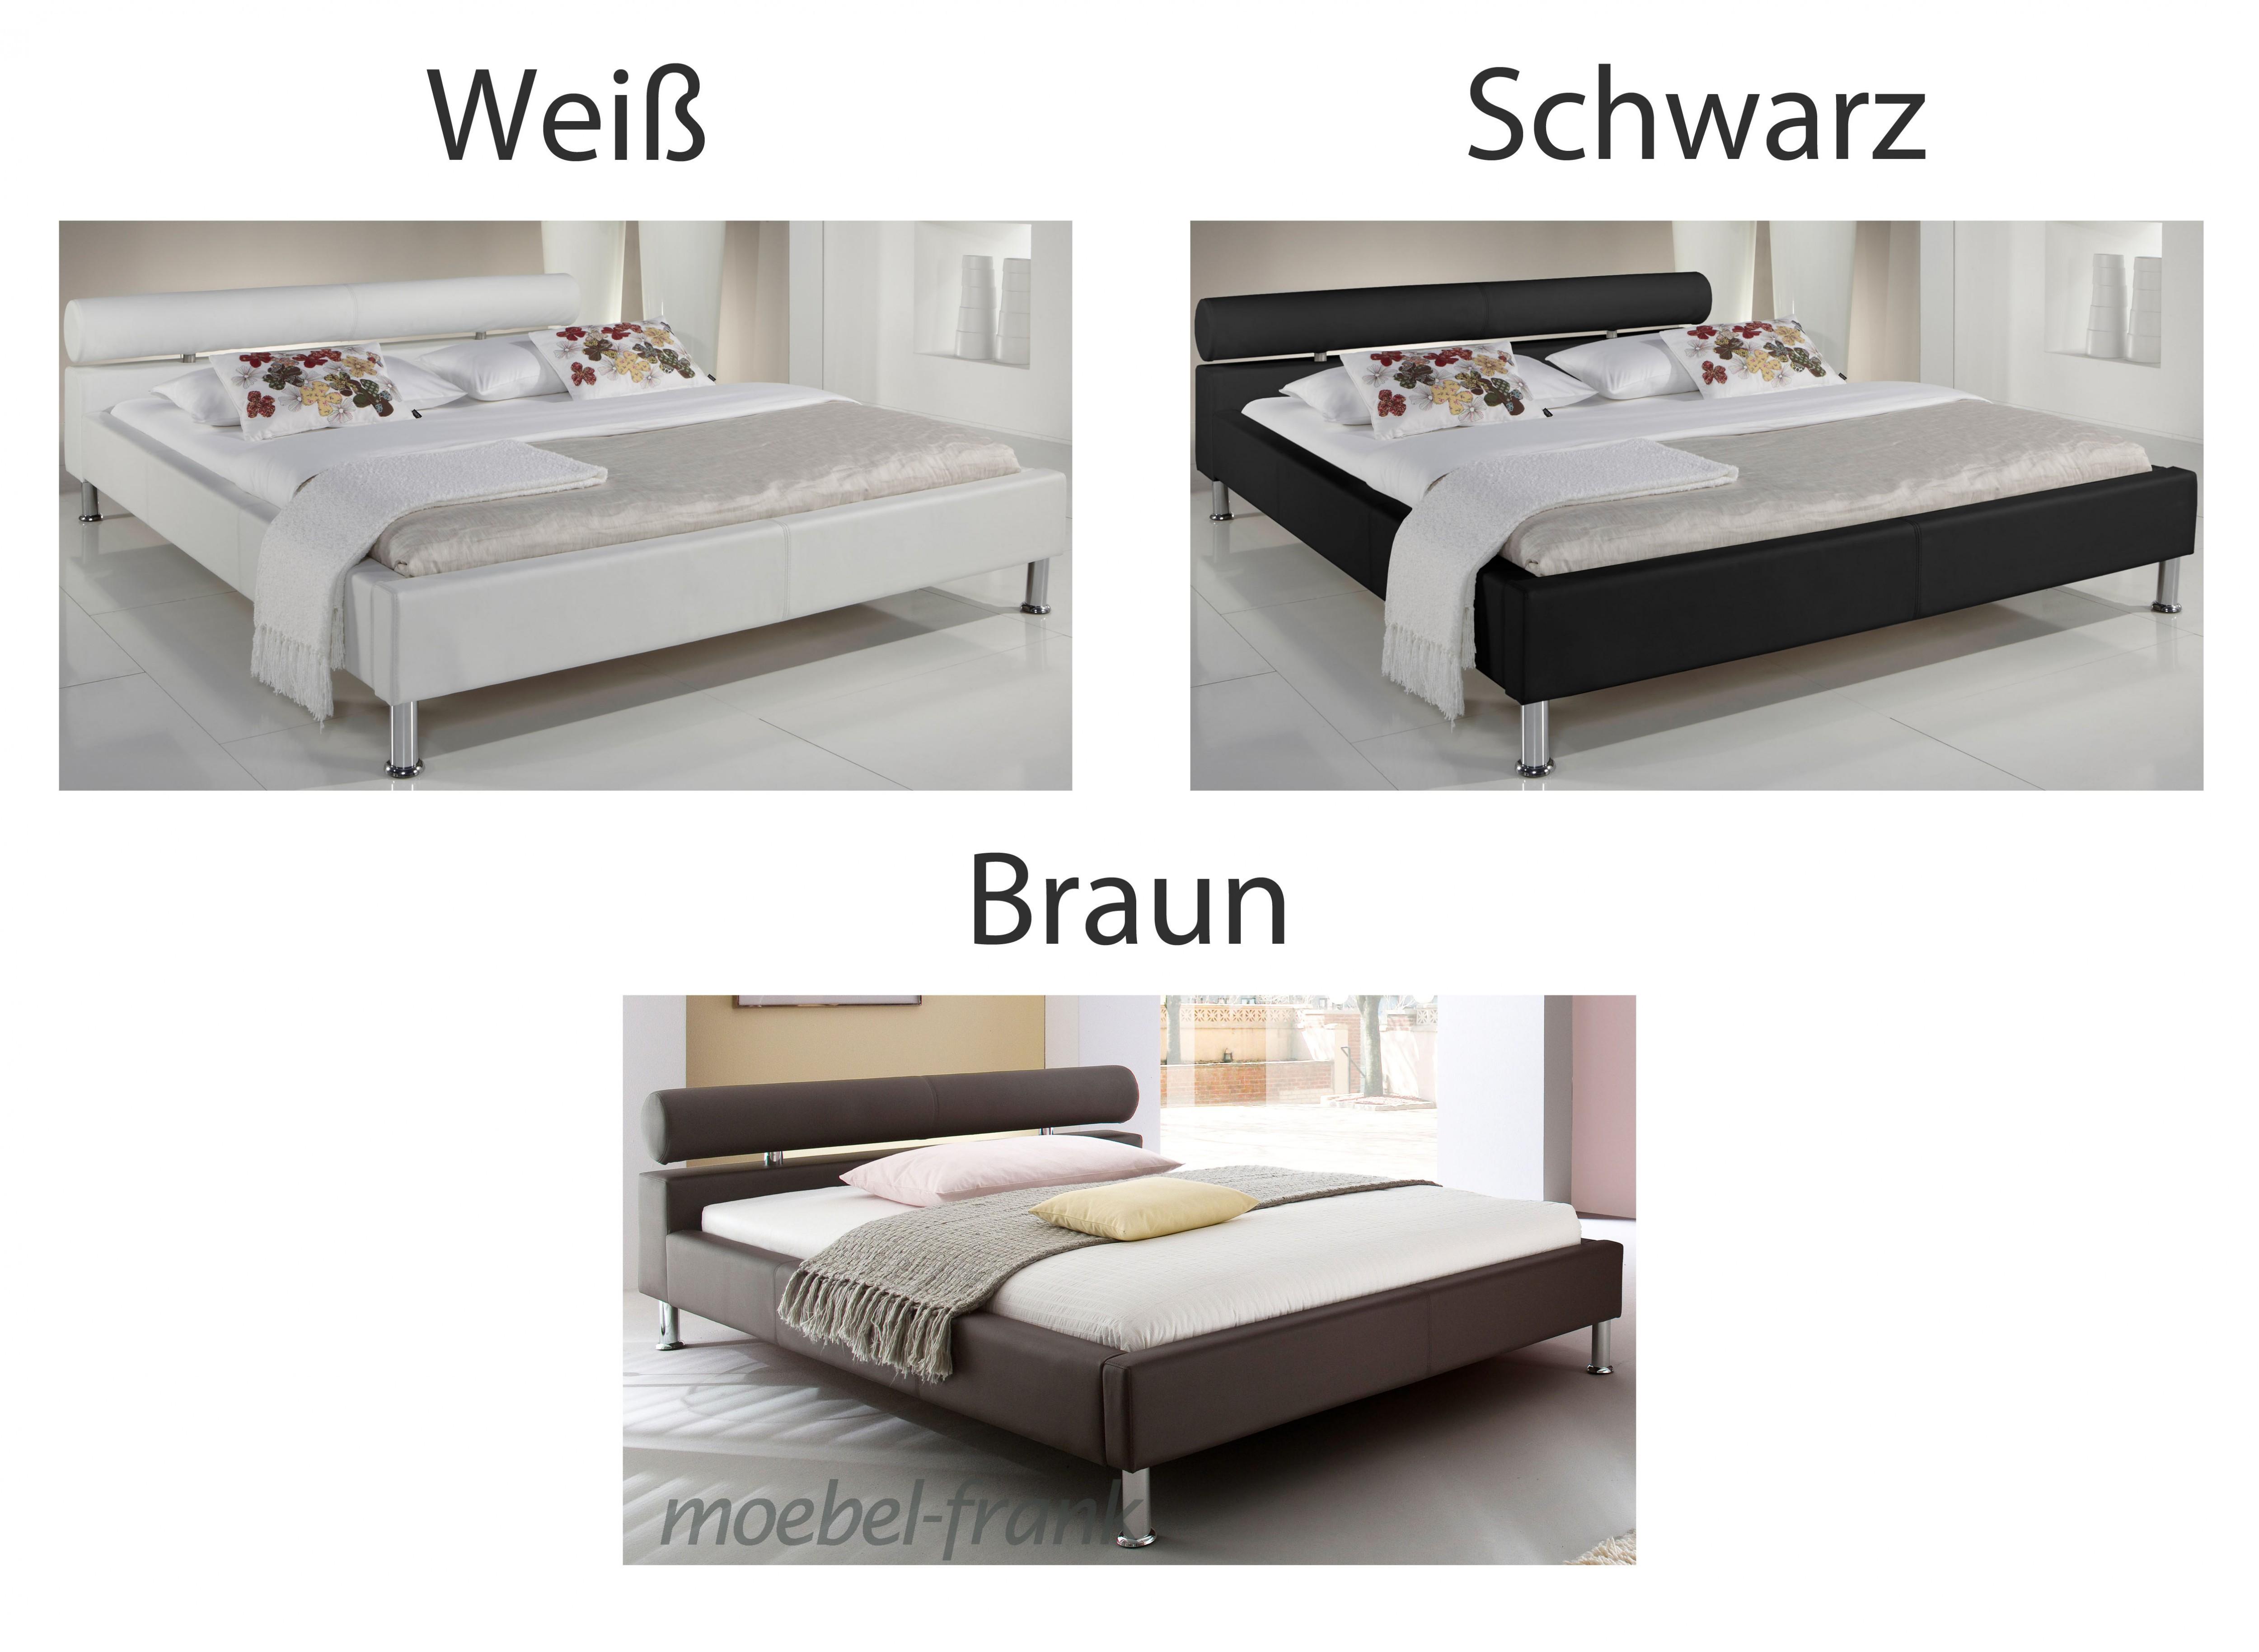 Polsterbett Kunst-Lederbett Schwarz Bett 120x200 cm Andre – Bild 5